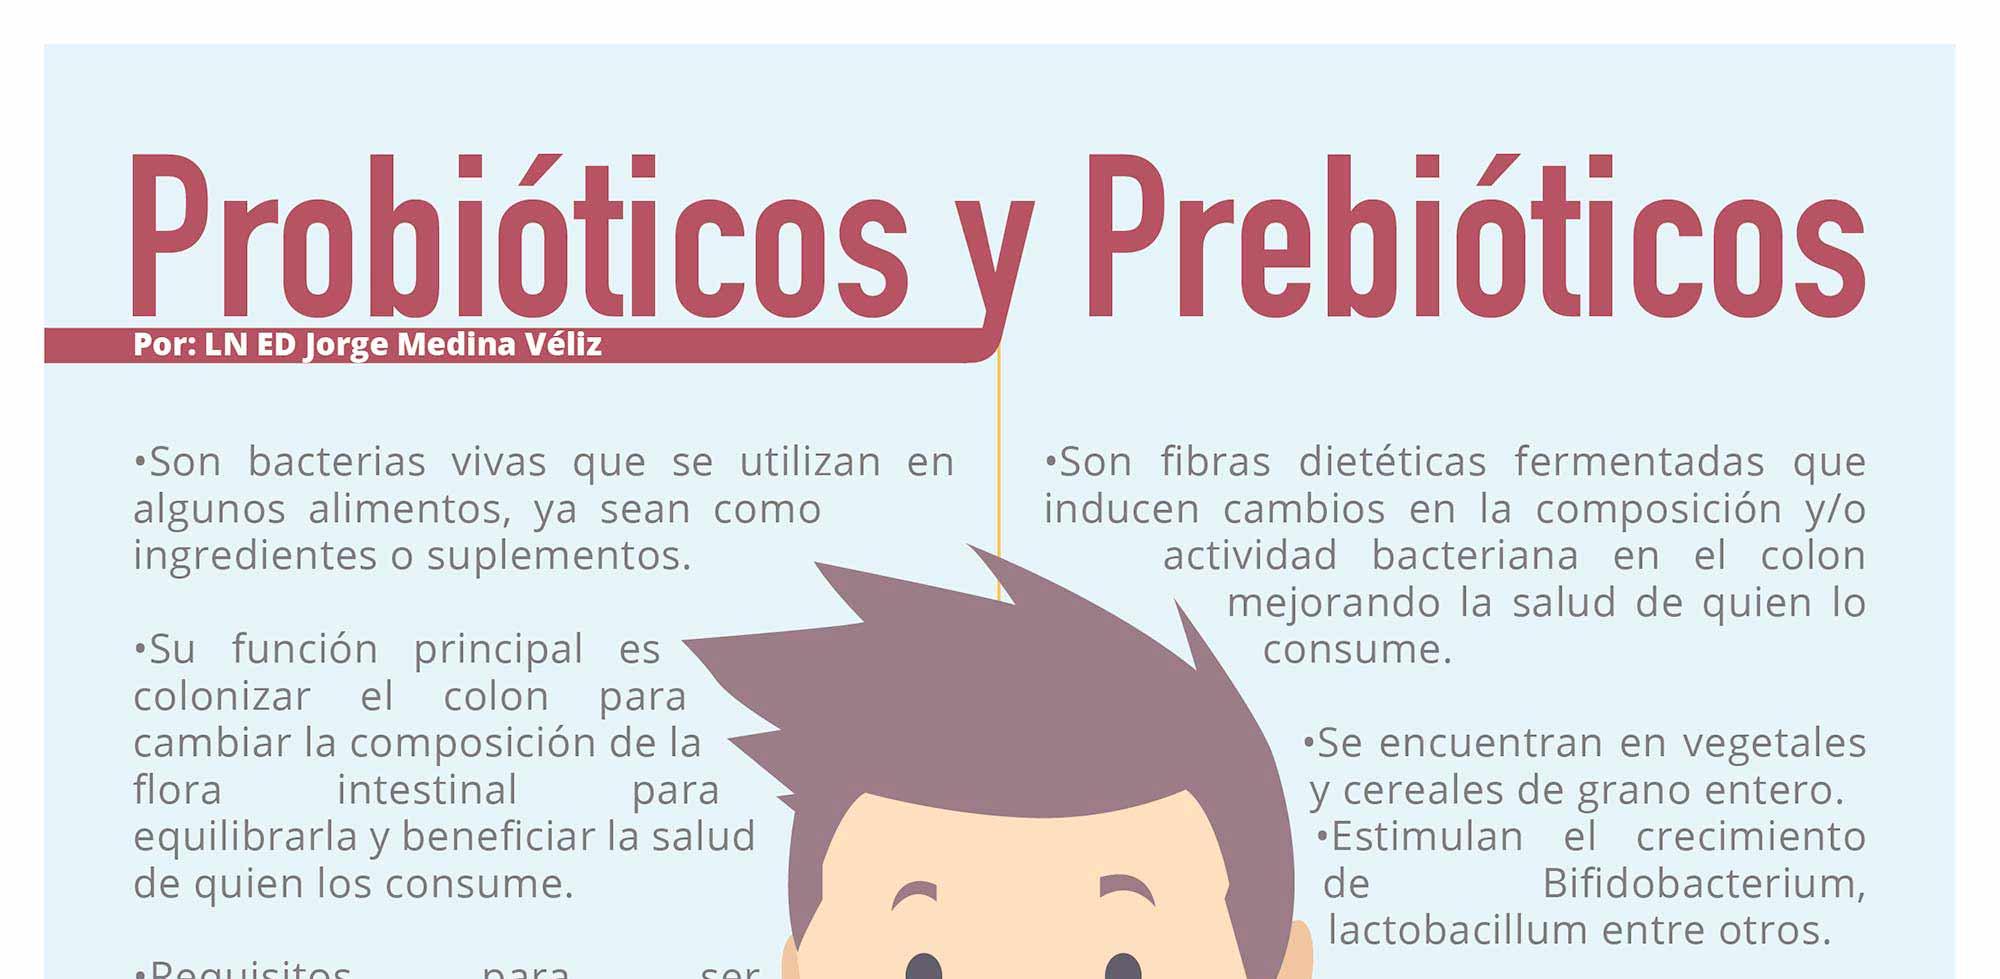 Probi ticos y prebi ticos federaci n mexicana de diabetes - Alimentos con probioticos y prebioticos ...